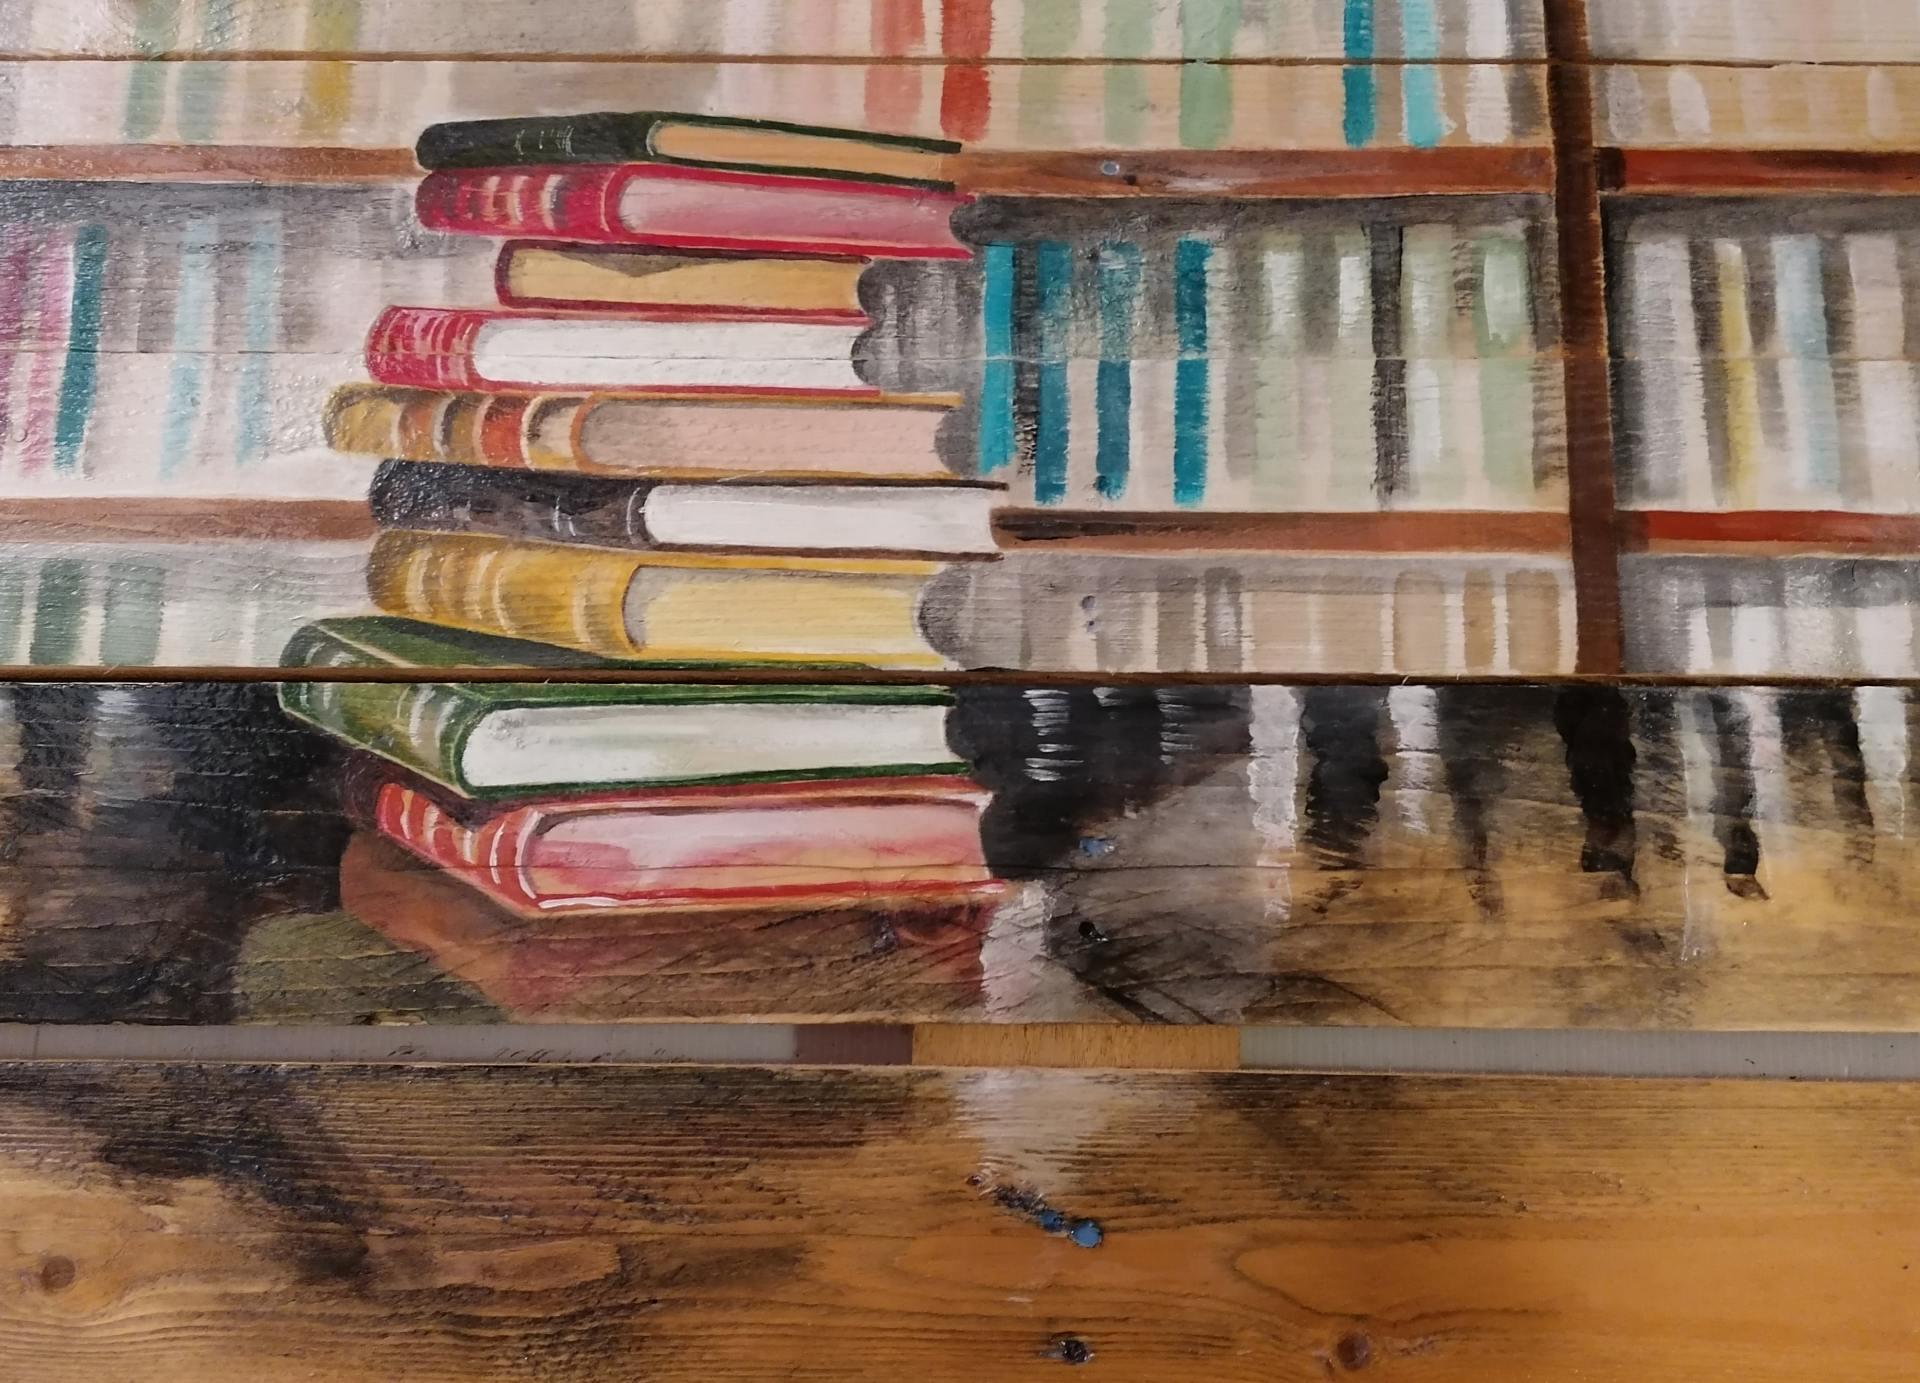 Palette peinte par Gilles Lavie : pile de livres devant une bibliothèque